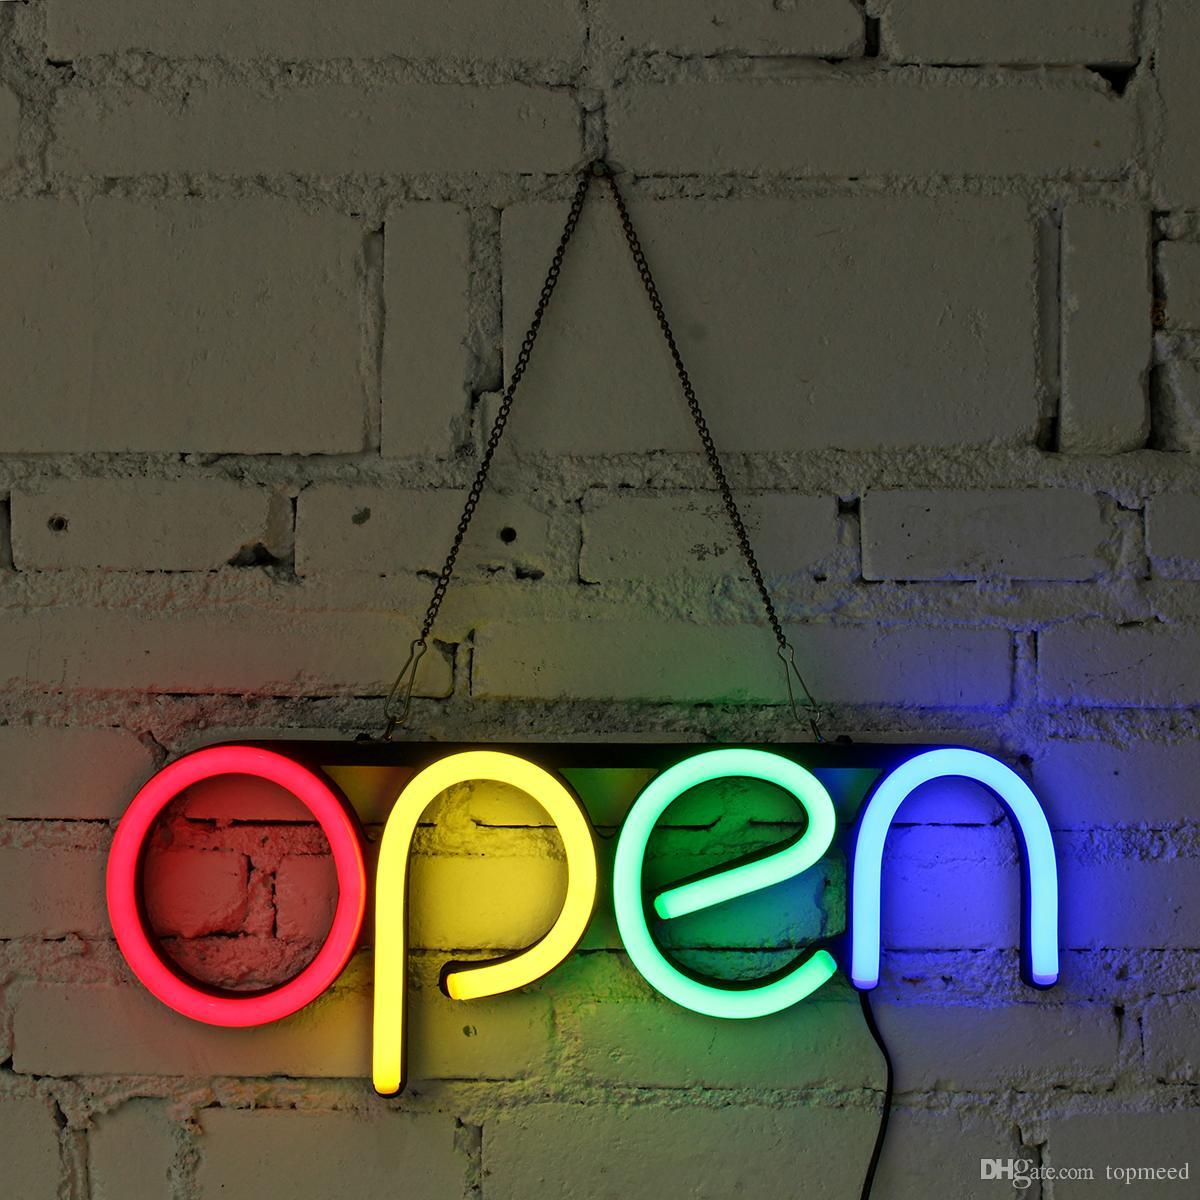 16 '' Açık Neon Burcu LED Işık Tüp El Yapımı Görsel Yapıt Bar Kulübü KTV Duvar Dekorasyon Ticari Aydınlatma Renkli Neon Ampuller